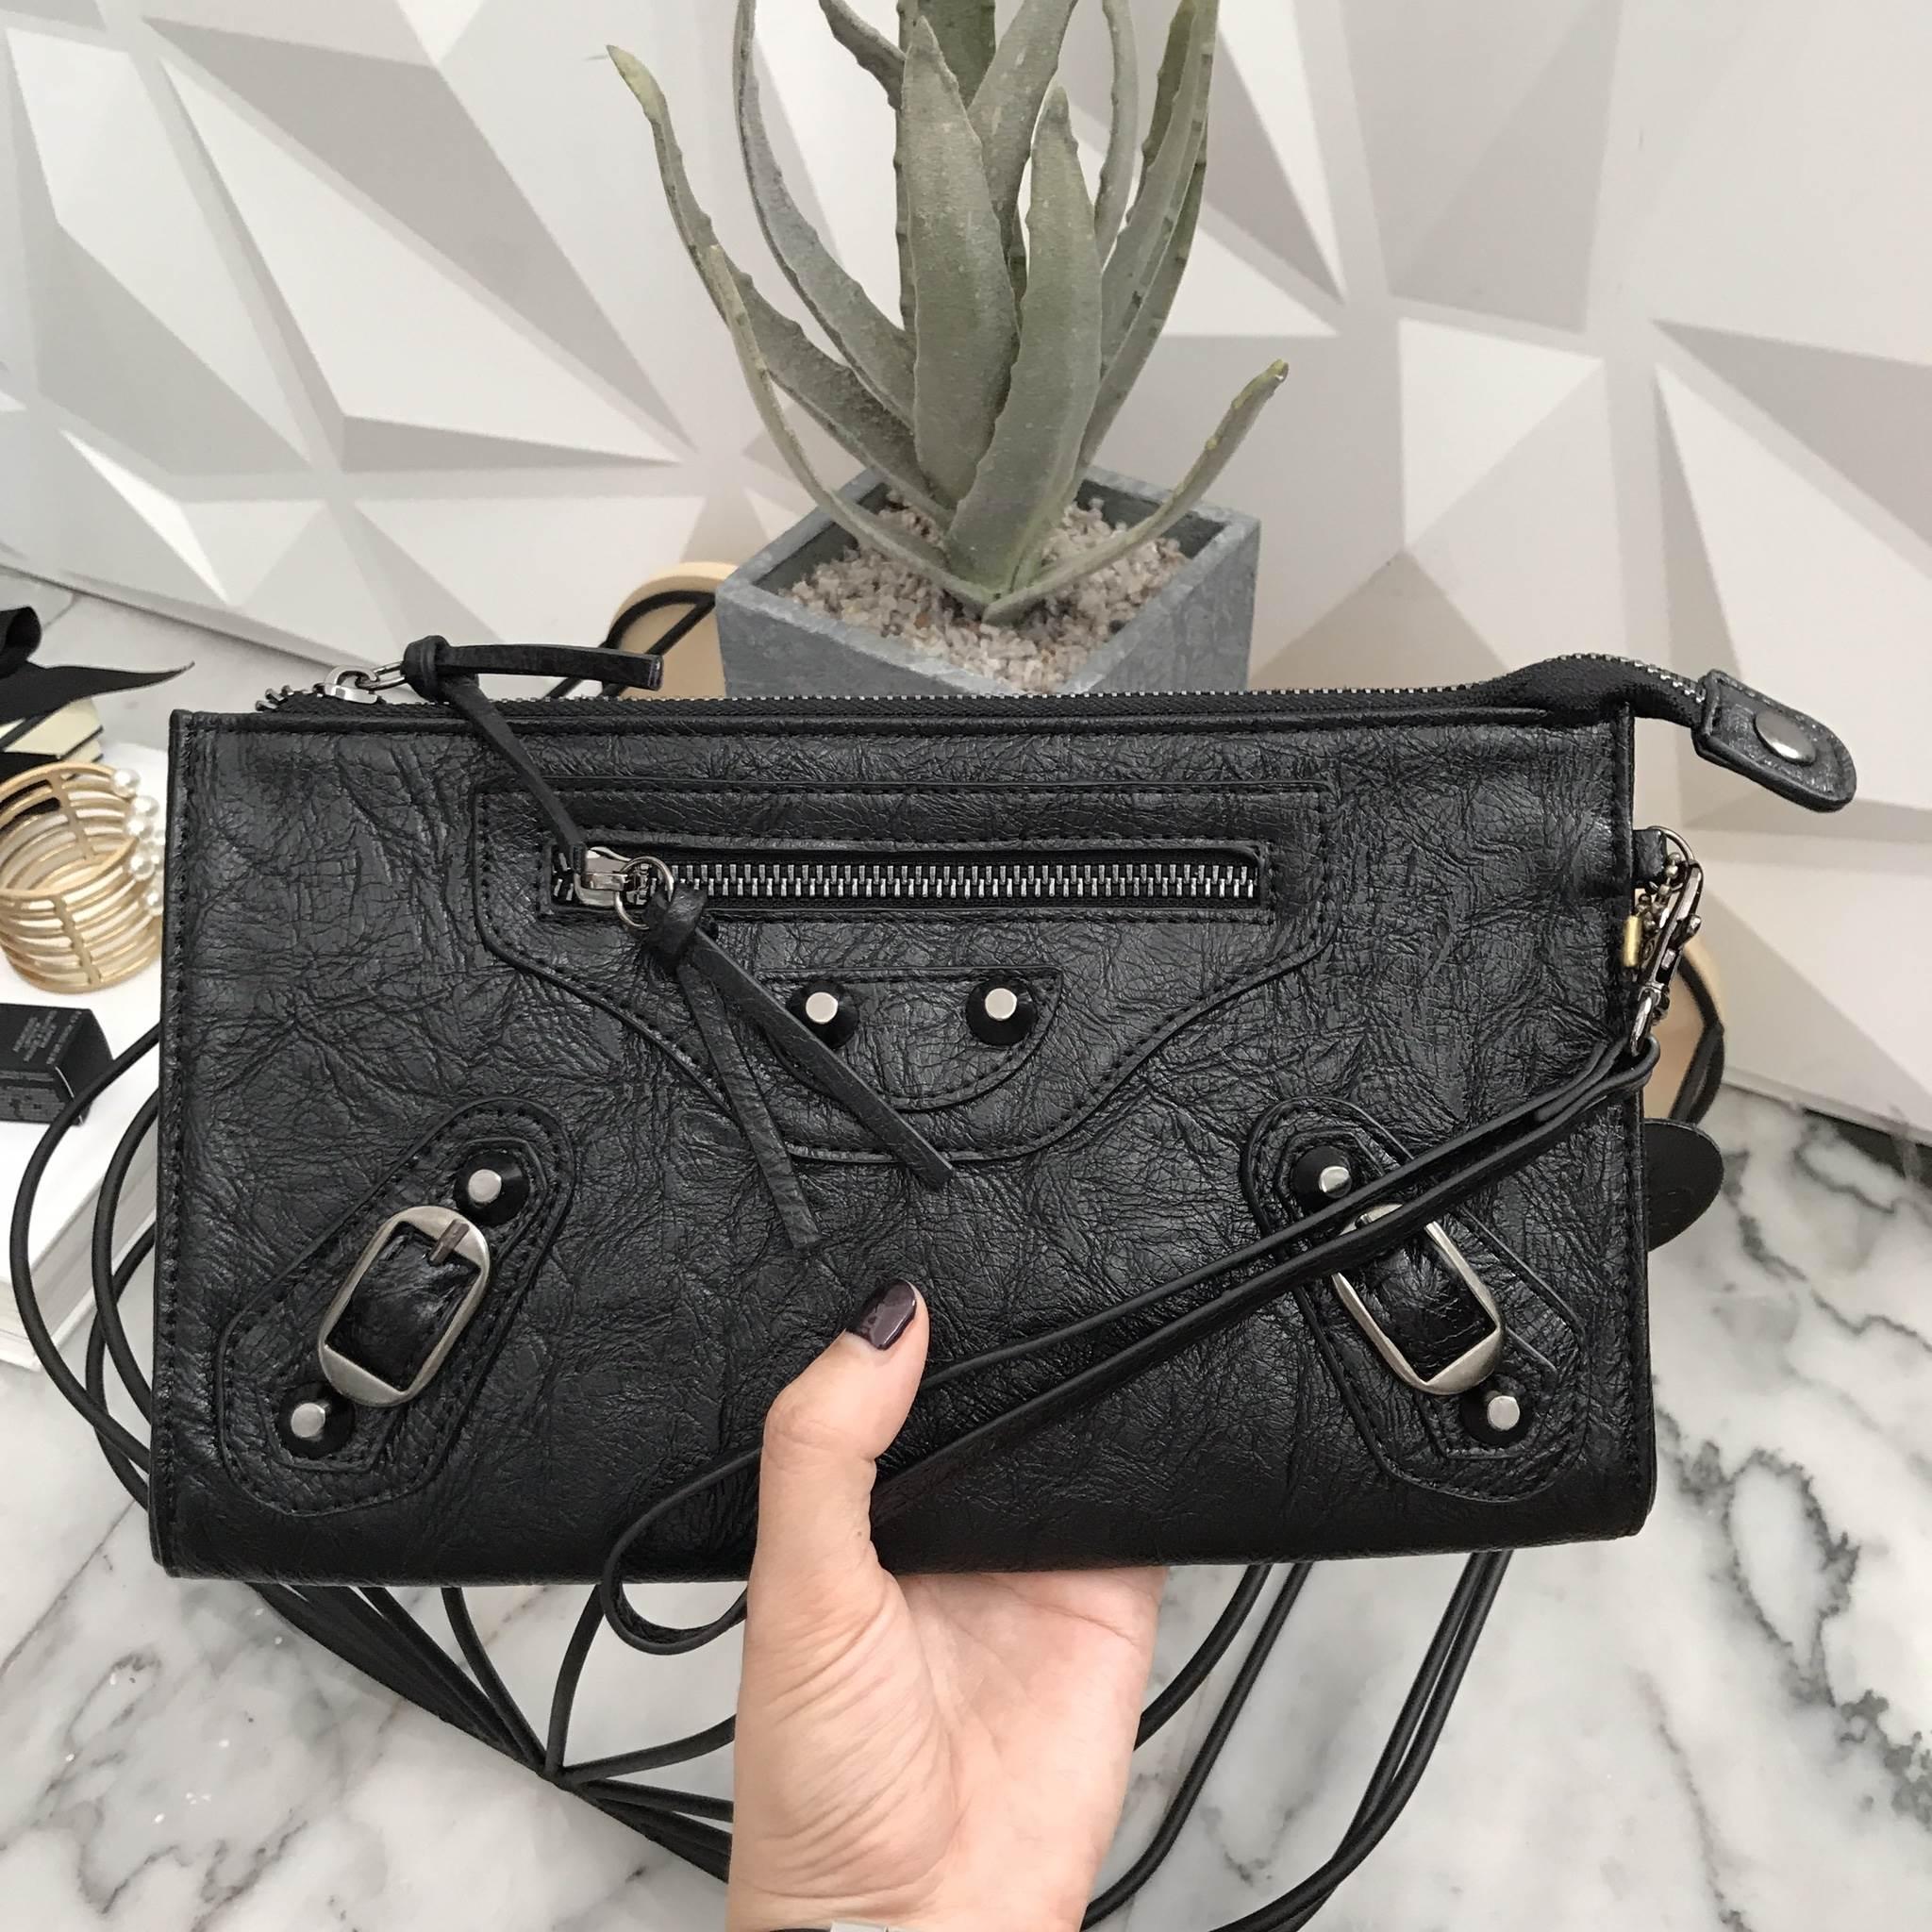 KEEP Milan shoulder & clutch bag สีดำ